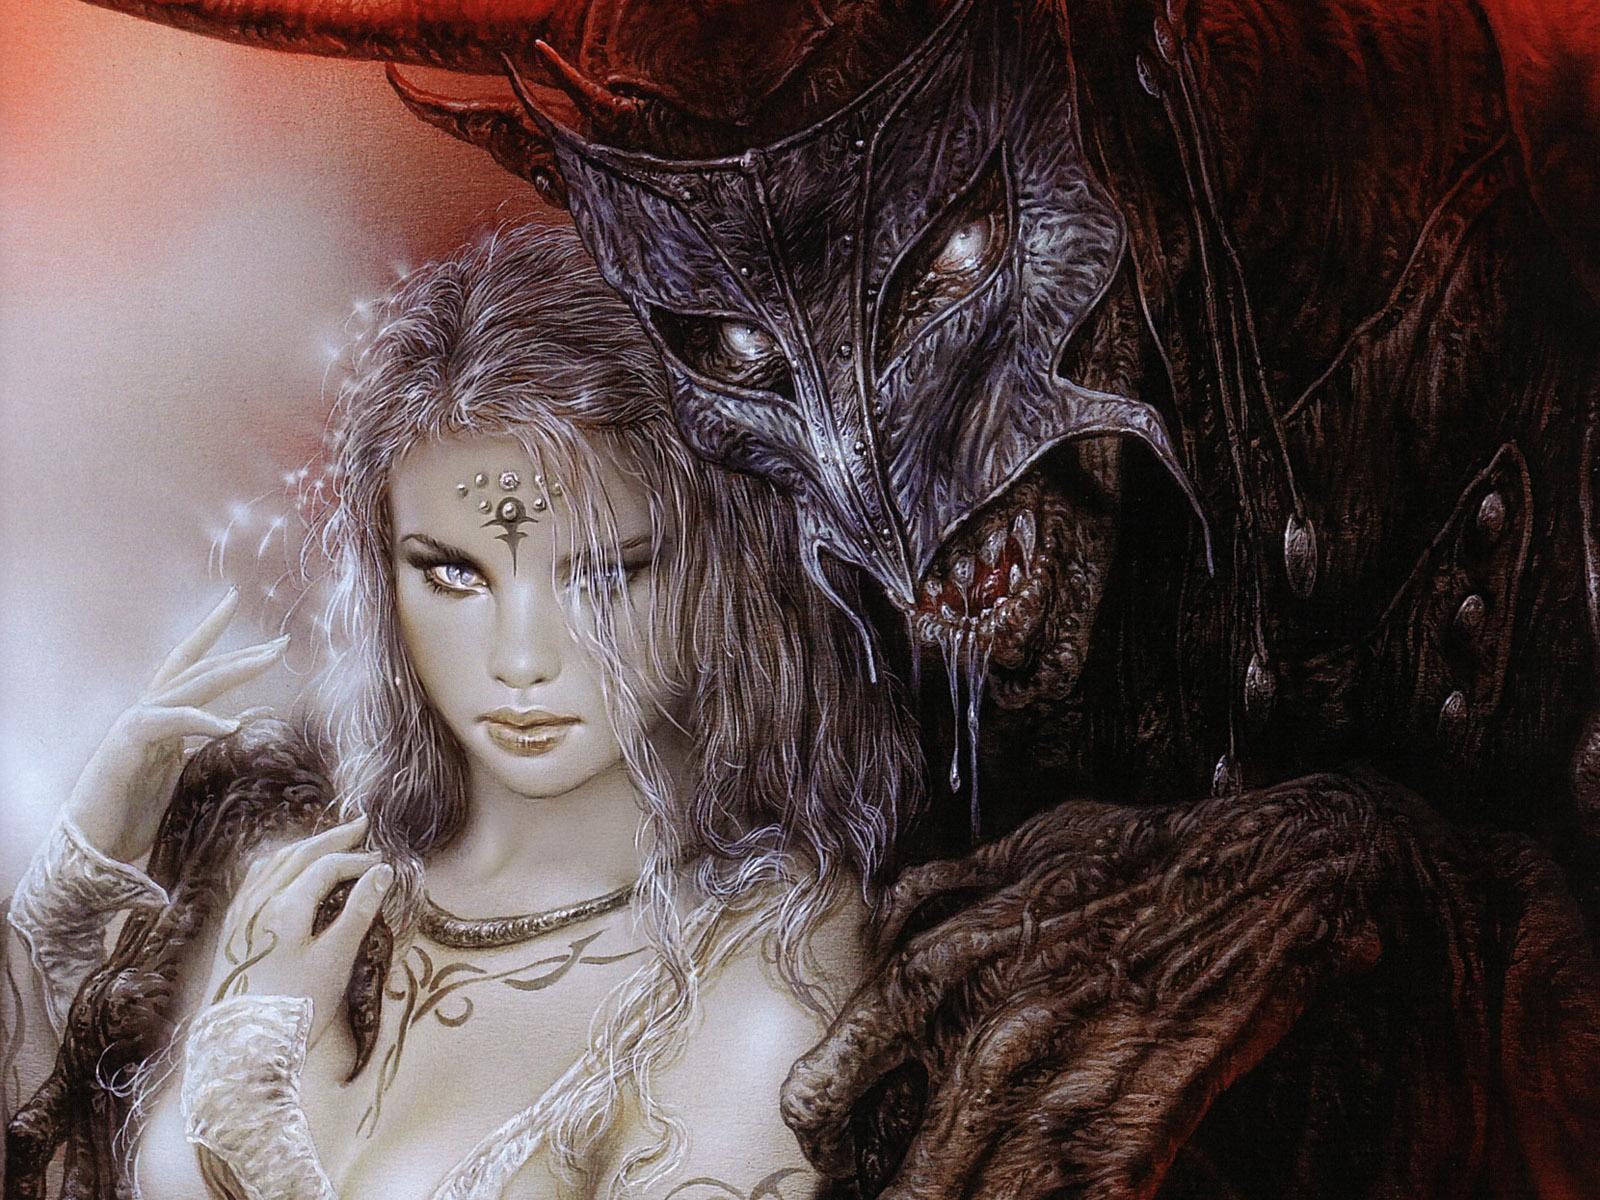 Картинки с демоном и девушкой